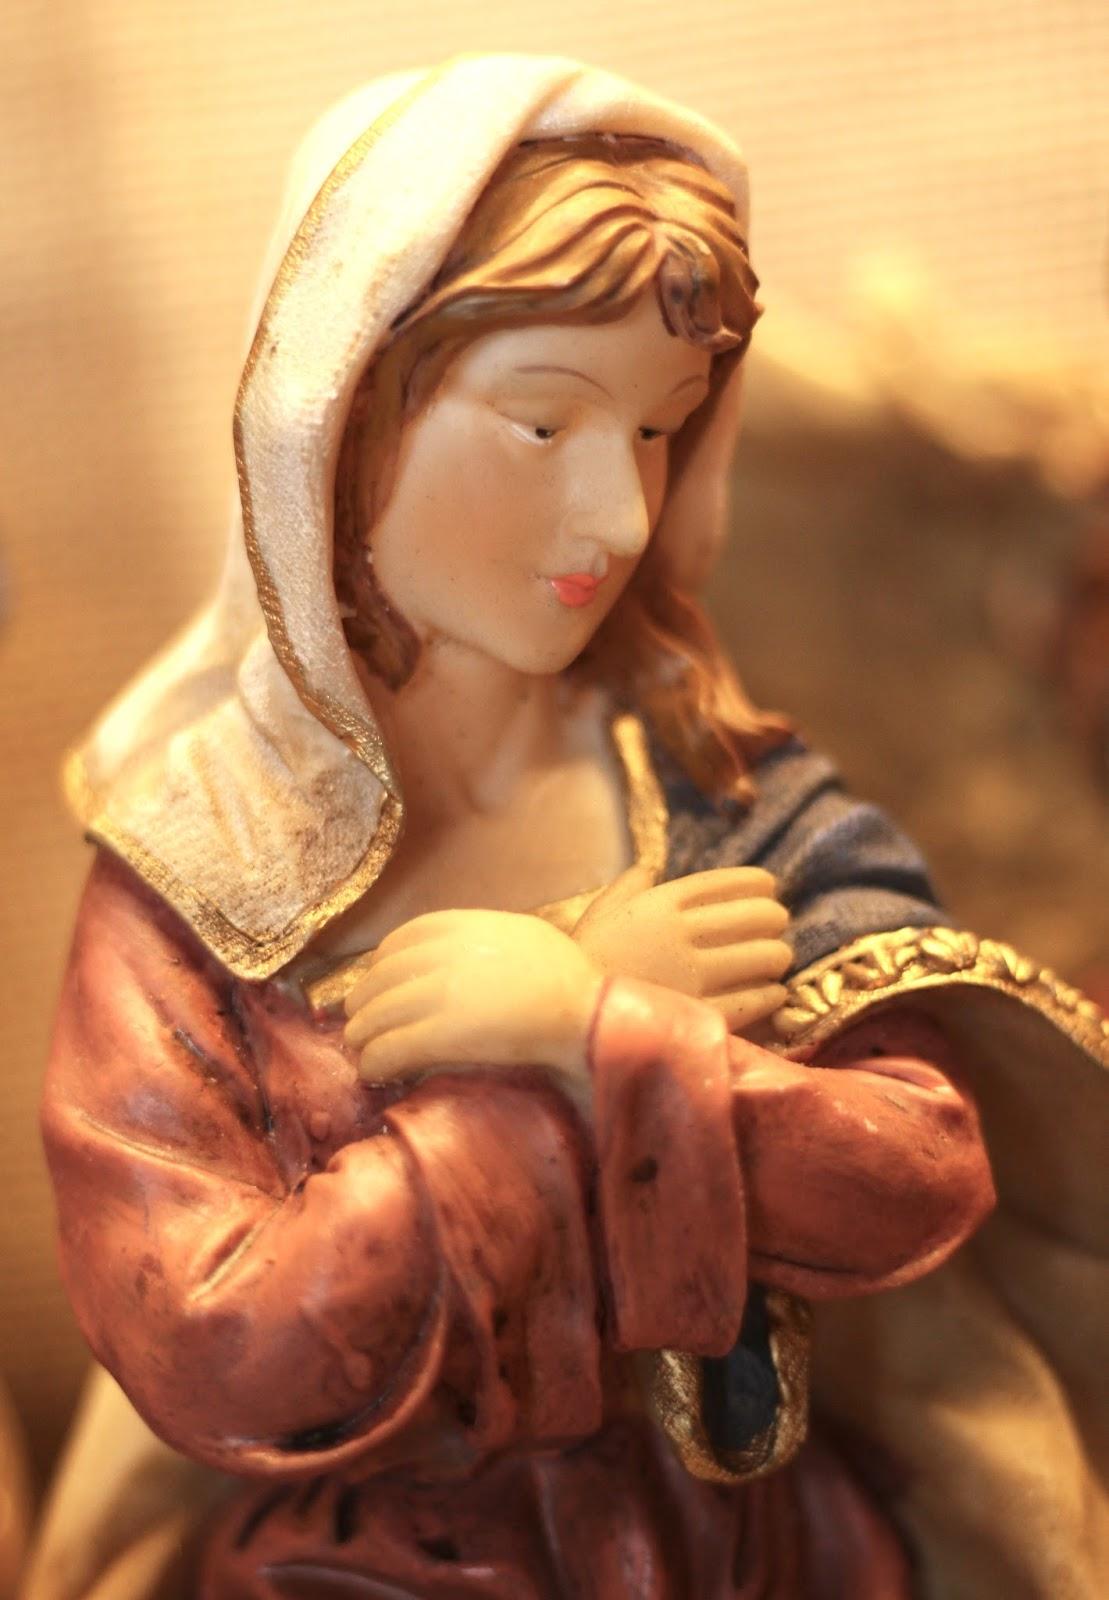 Selbst gebaute Weihnachtskrippe mit Figuren aus Polyresin oder Kunstharz: Maria